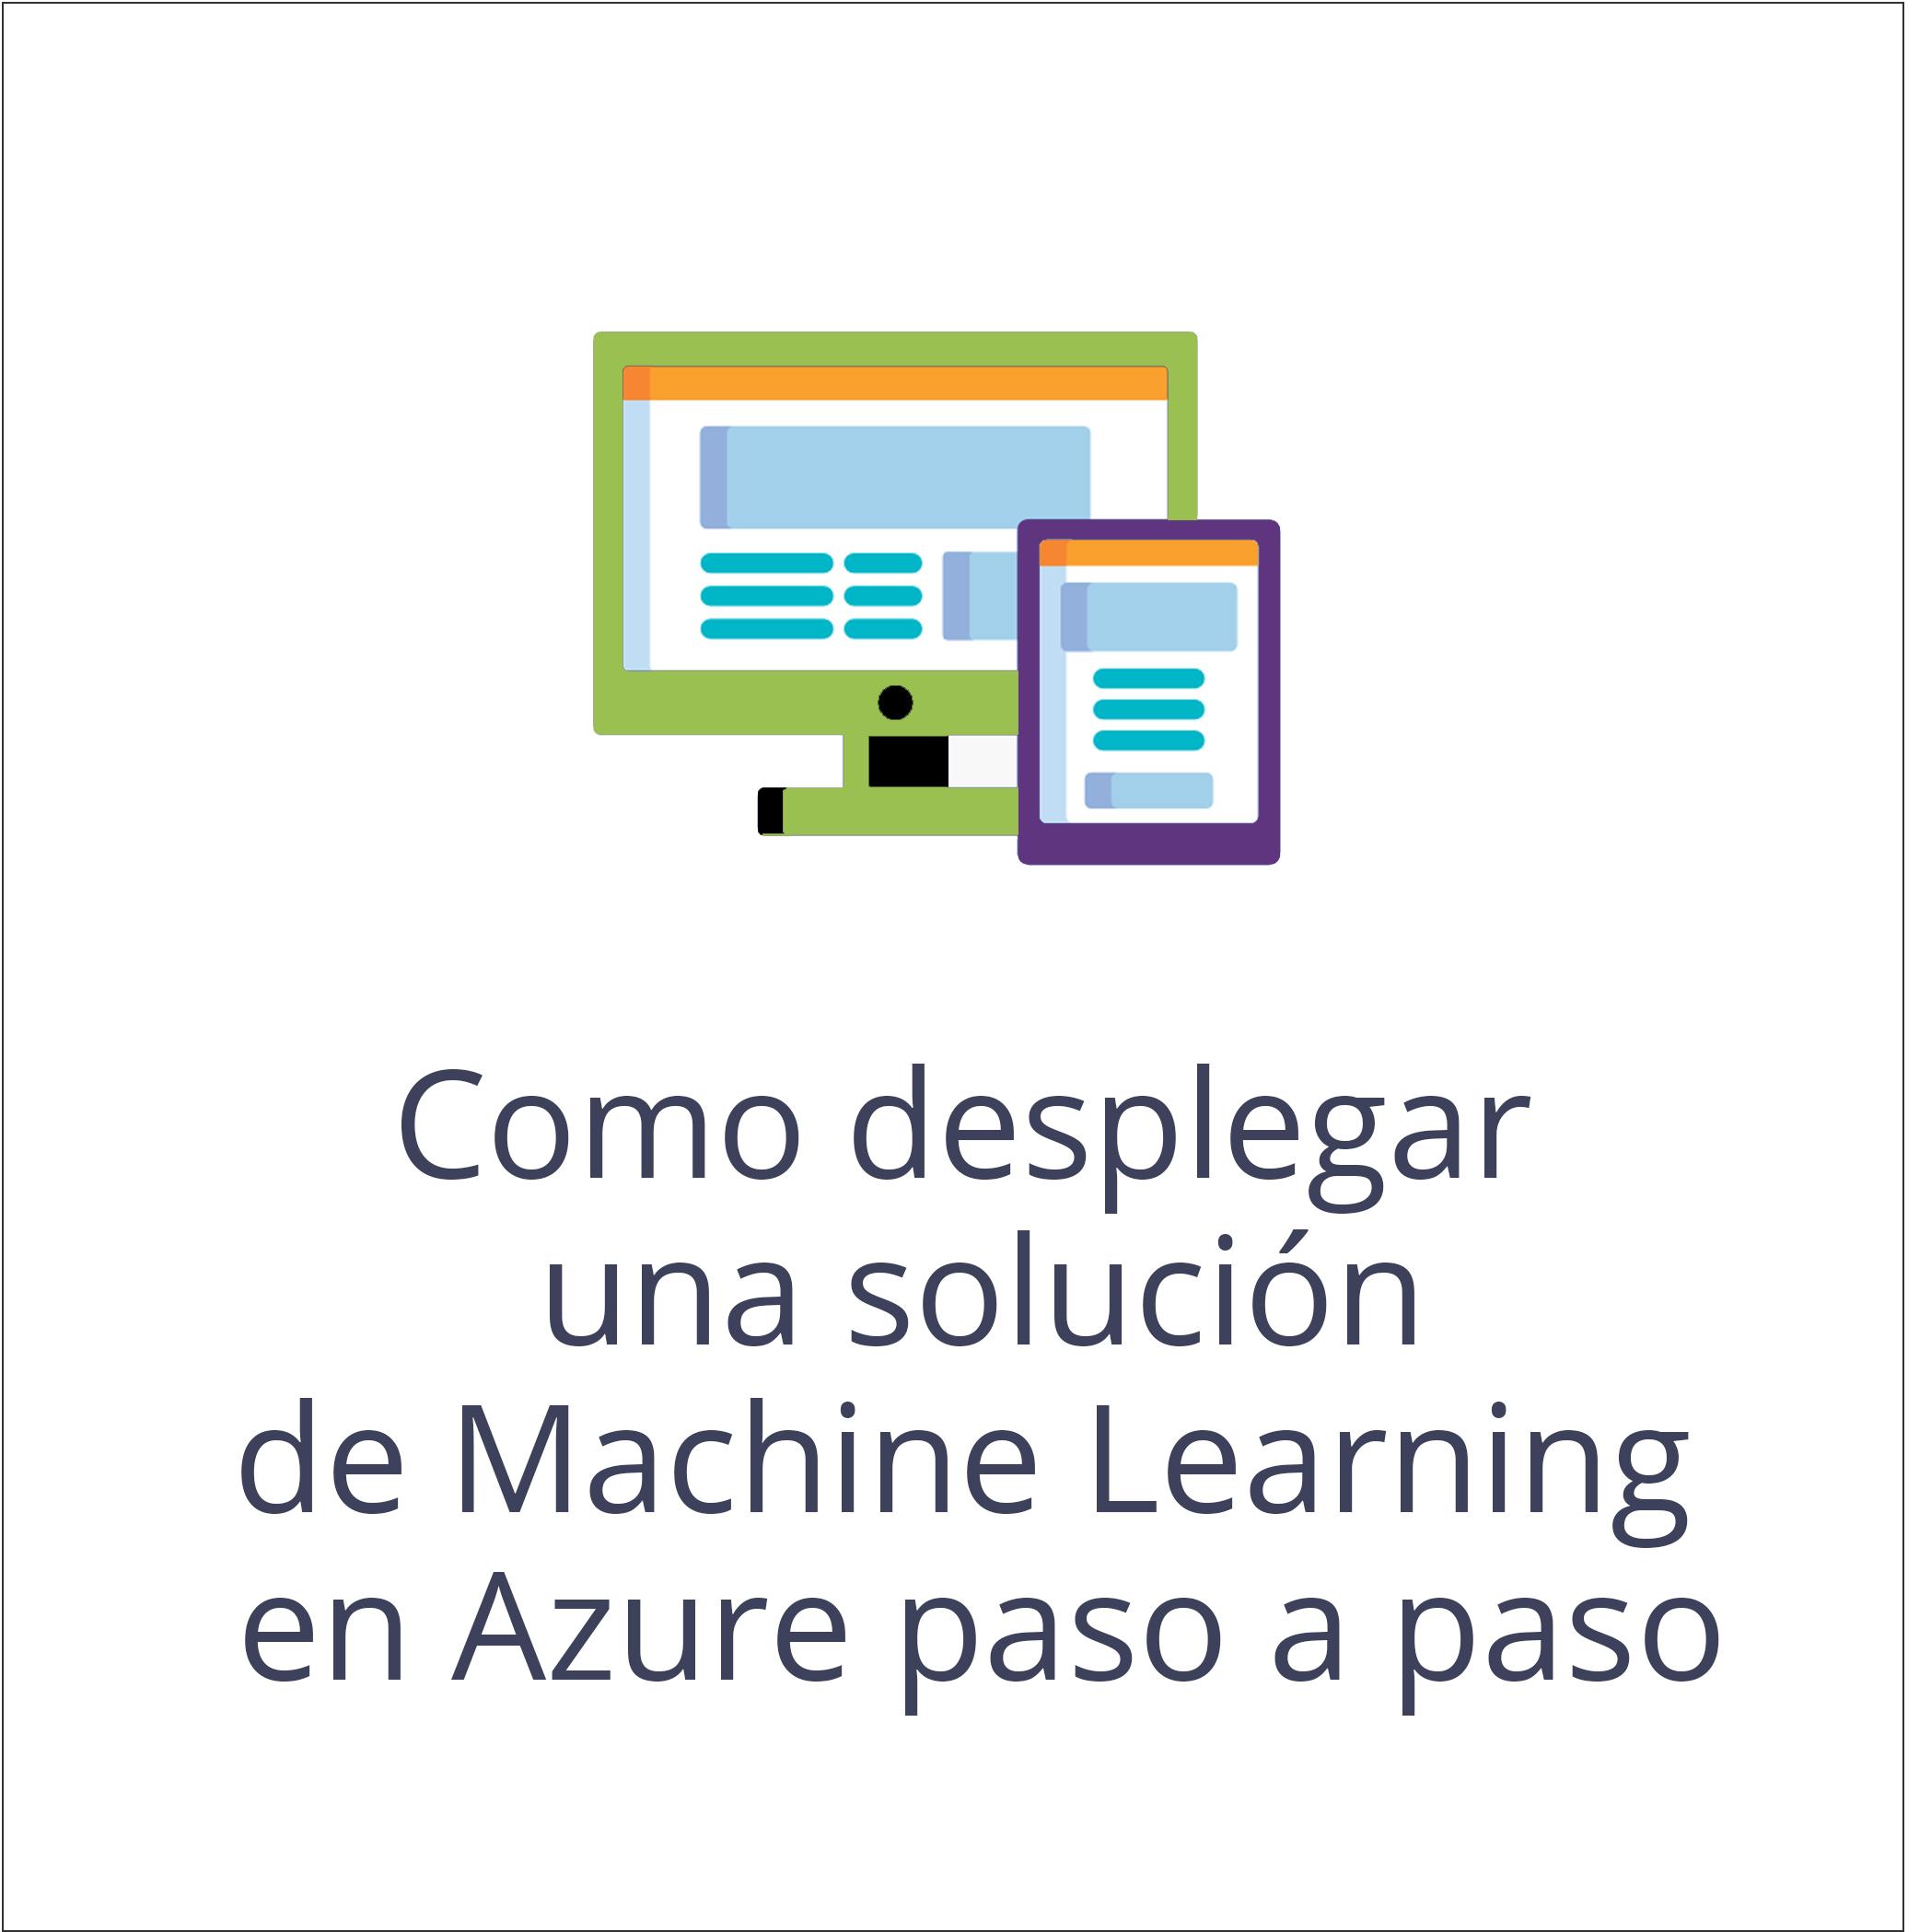 Como desplegar una solución de Machine Learning en Azure paso a paso